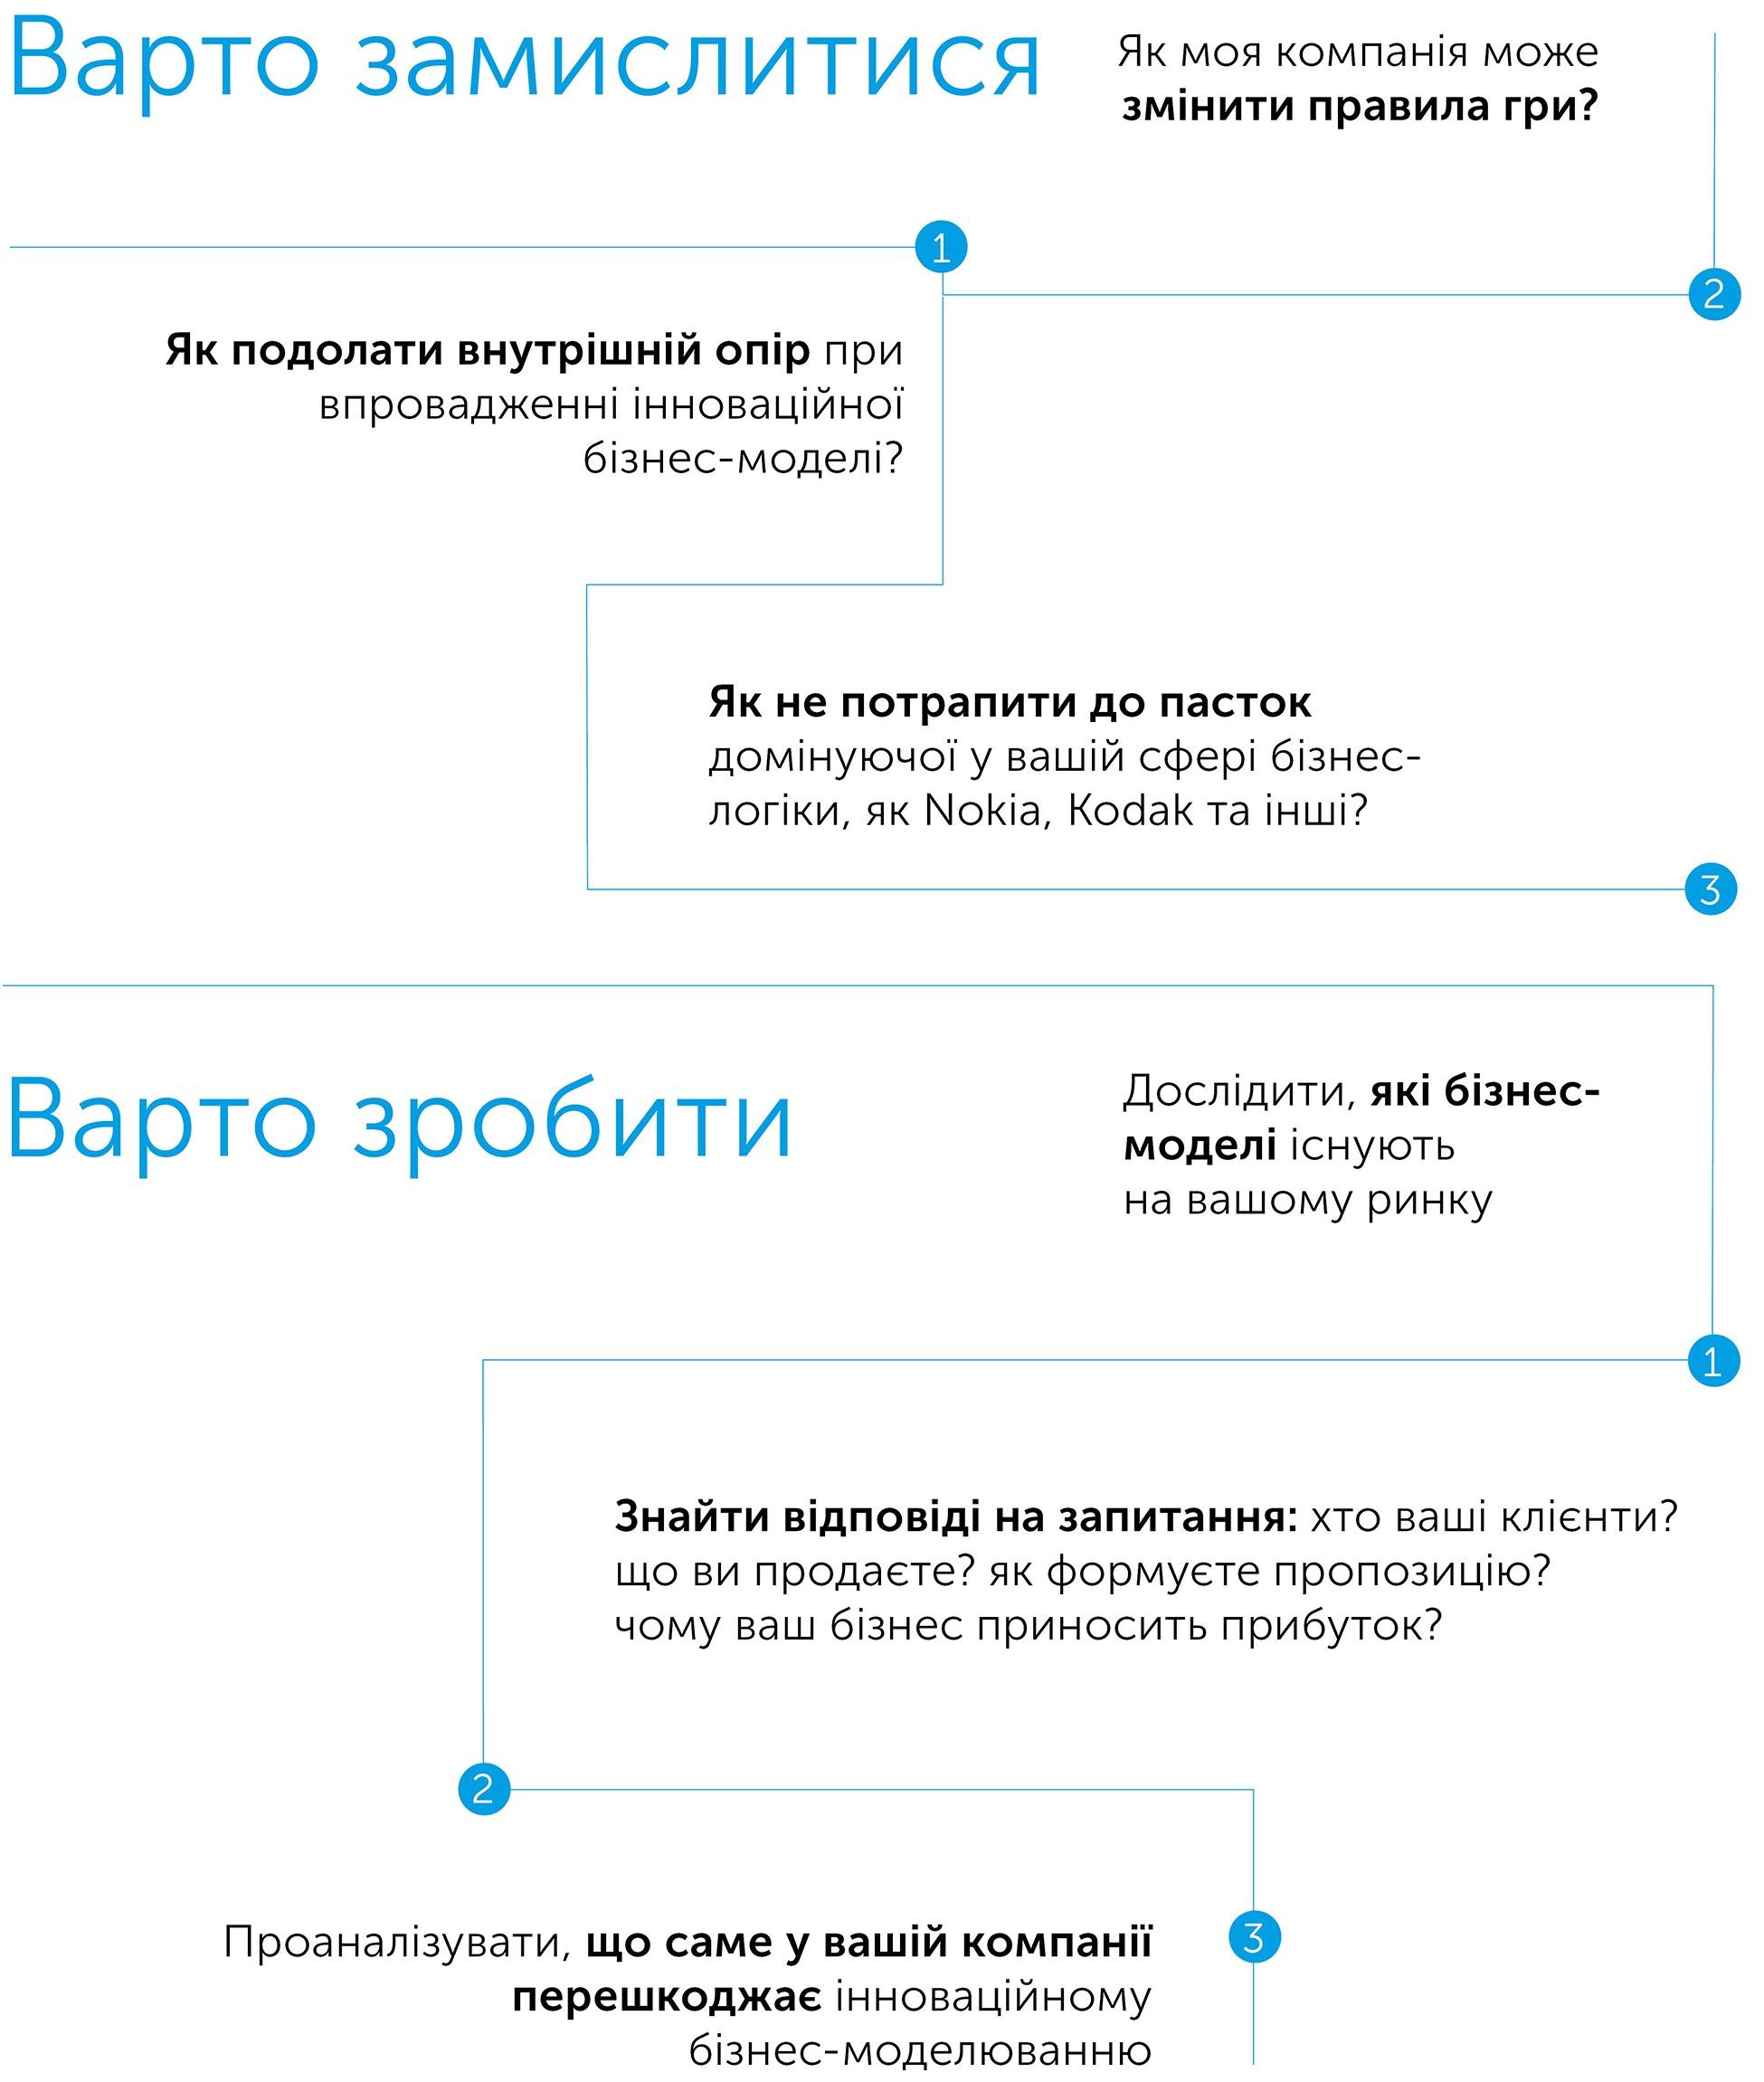 Бізнес-моделі, автор Оливер Гассман | Kyivstar Business Hub, зображення №4